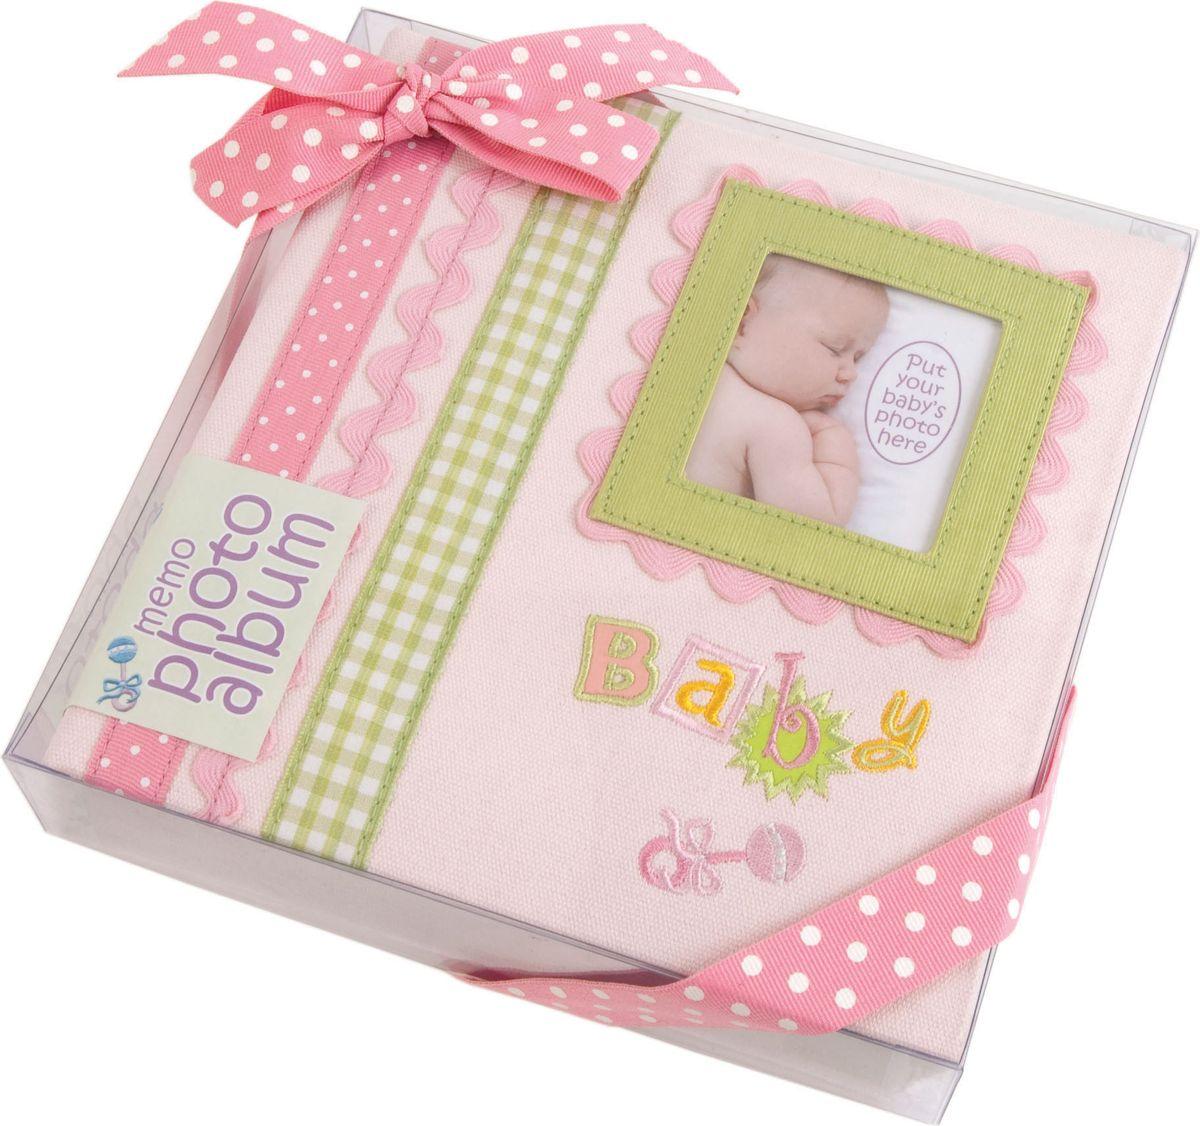 Фотоальбом Innova Baby Memories Pink Memo, цвет: розовый, 180 фотографий, 10 x 15 см фотоальбом platinum винтаж 2 300 фотографий 10 х 15 см